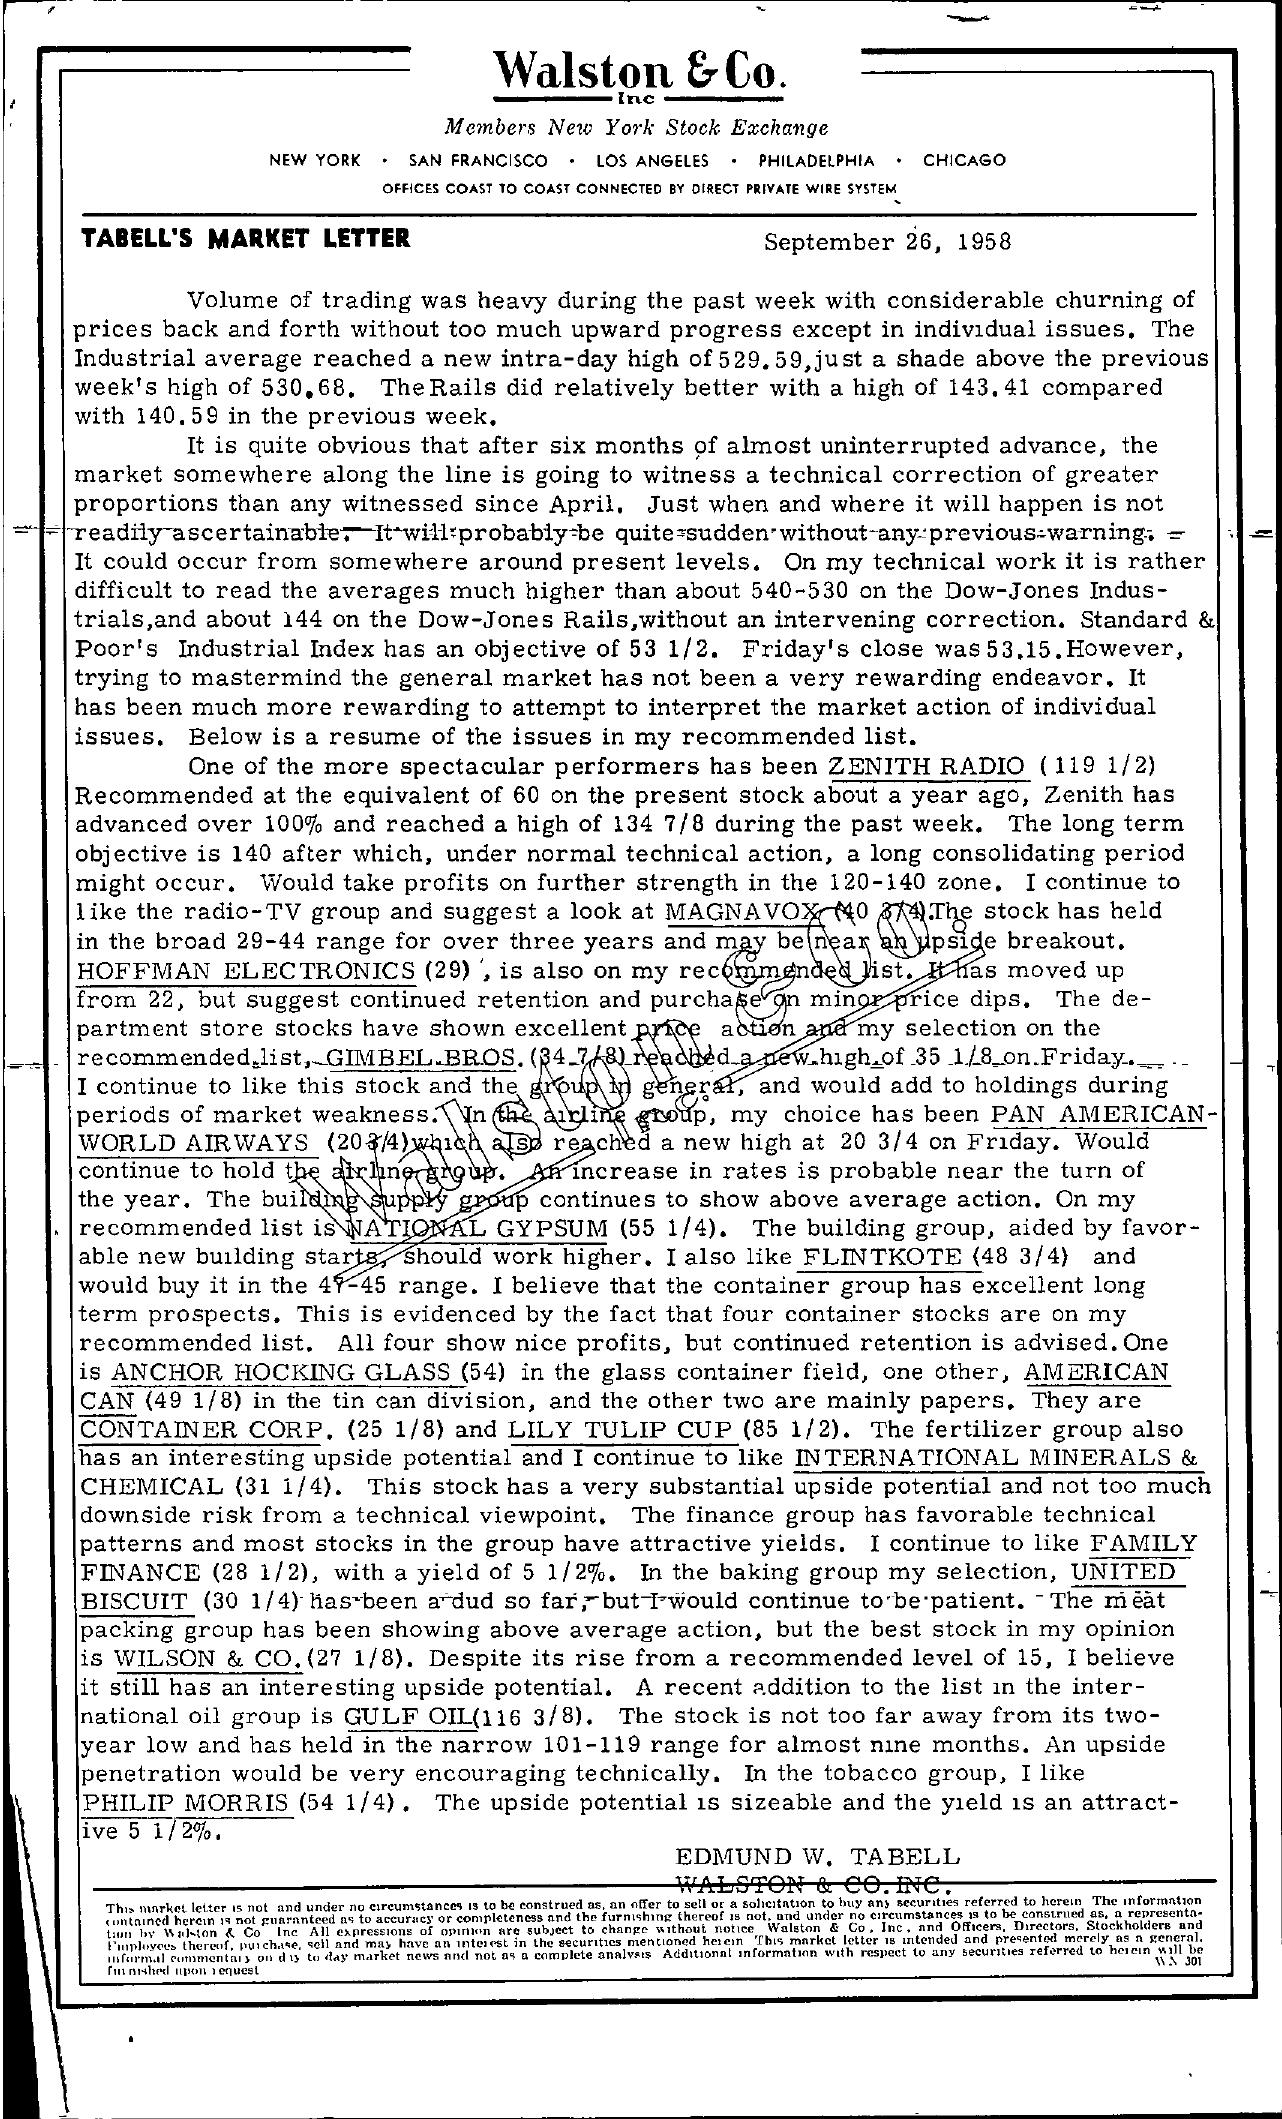 Tabell's Market Letter - September 26, 1958